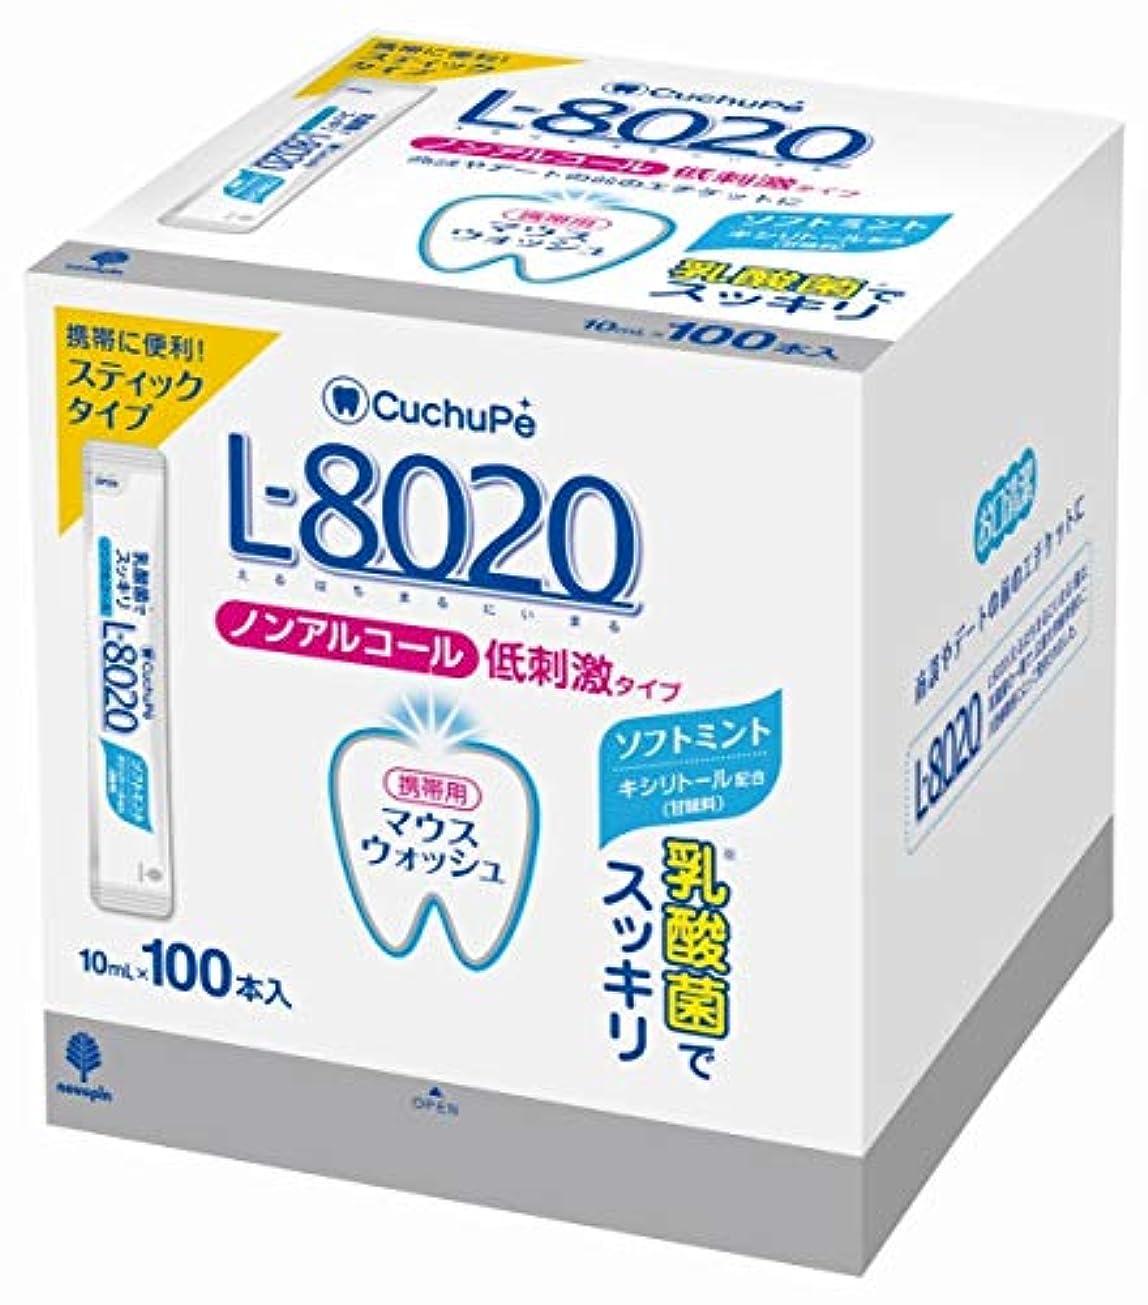 である採用男性日本製 made in japan クチュッペL-8020 ソフトミント スティックタイプ100本入(ノンアルコール) K-7092【まとめ買い10個セット】